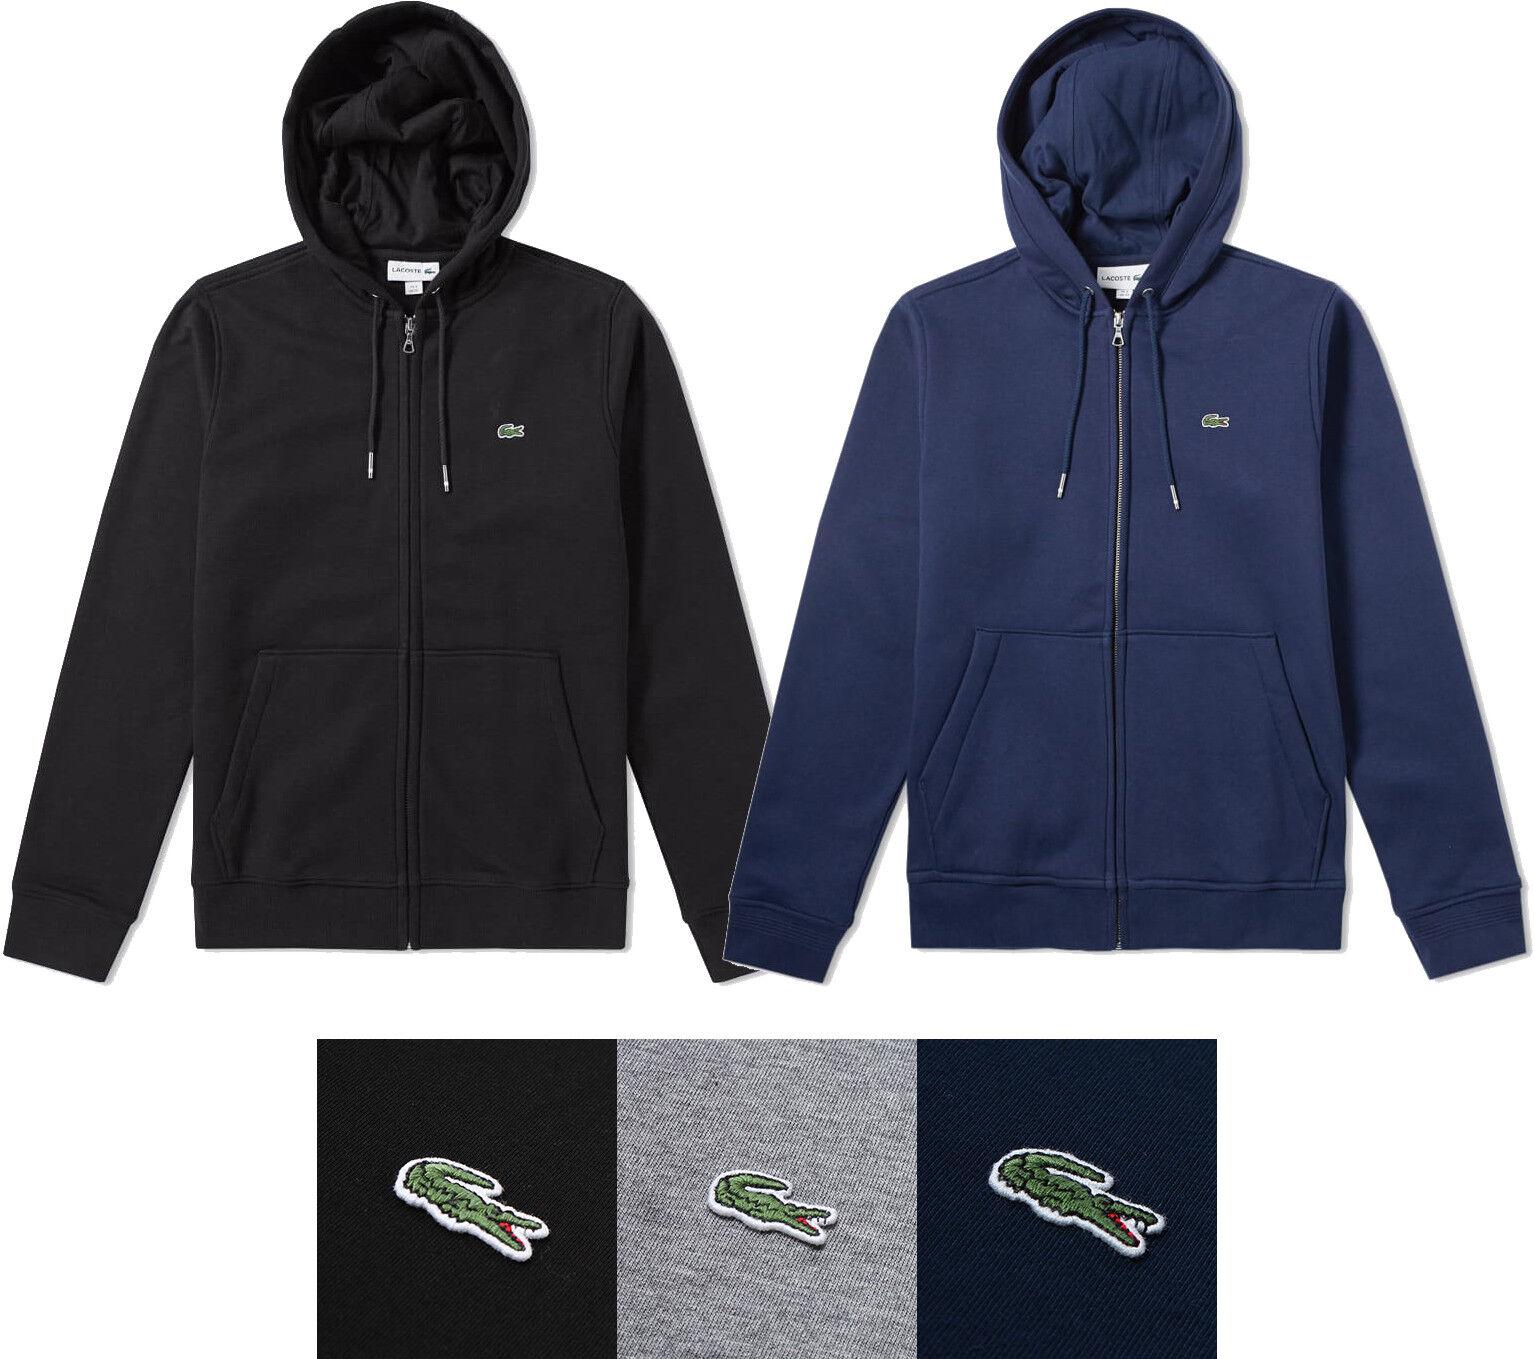 Herren Lacoste Hoodie Full Zip Fleece Sweatshirt New Authentic